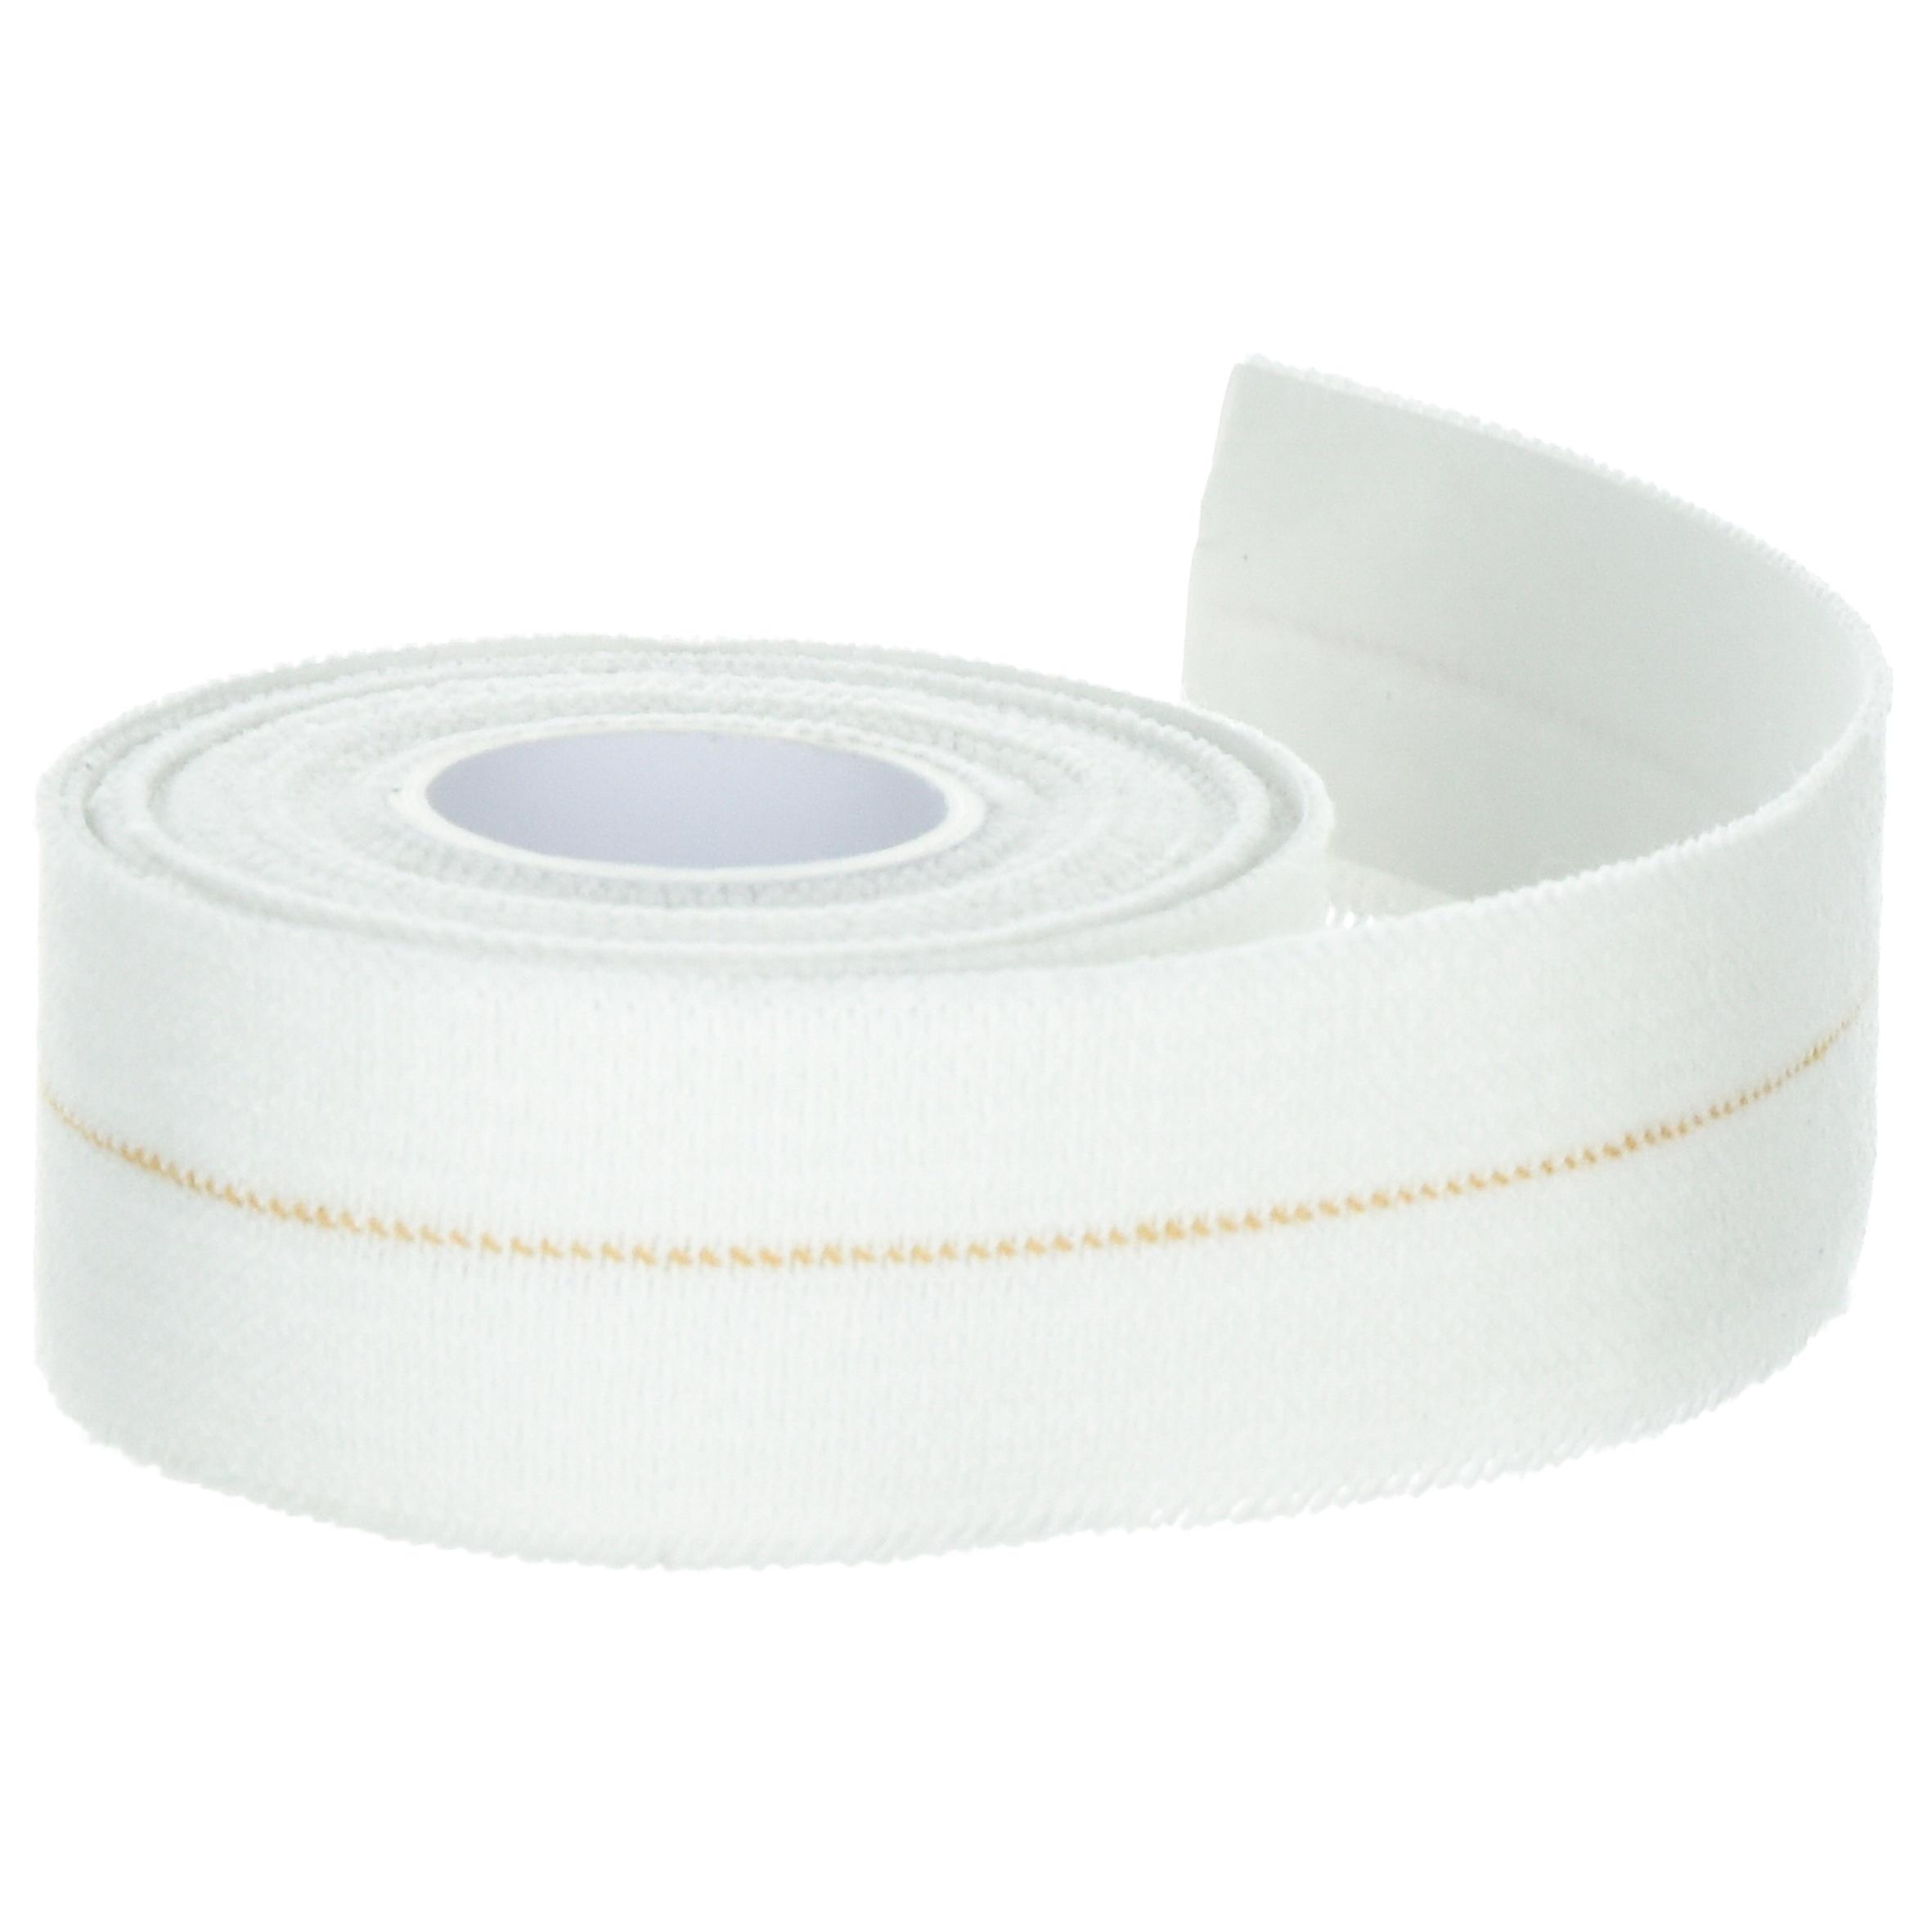 Bande élastique 3 cm x 2,5 m blanche pour vos bandage de maintien.